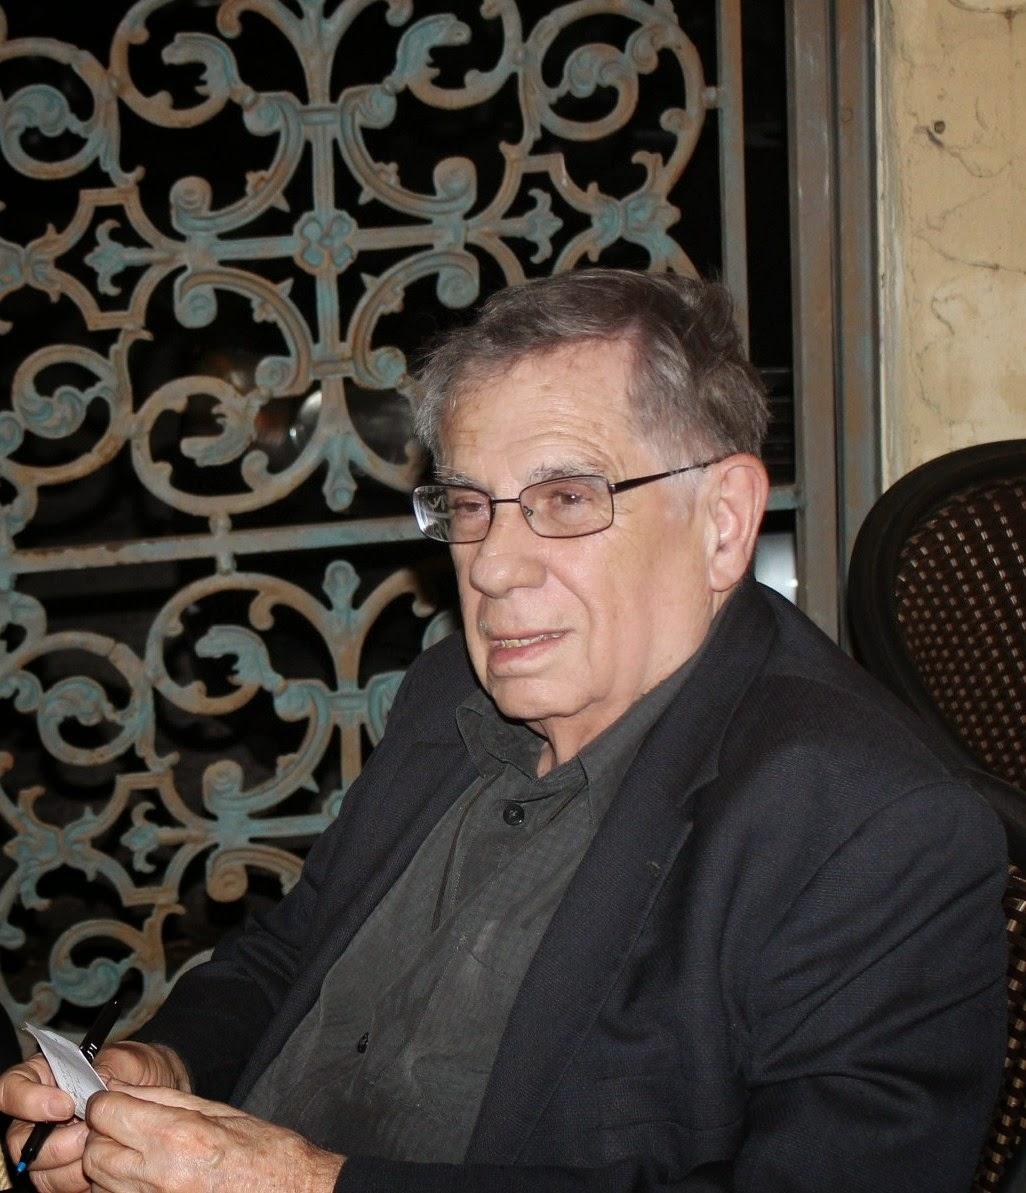 Matías Montes Huidobro en Café Demetrio